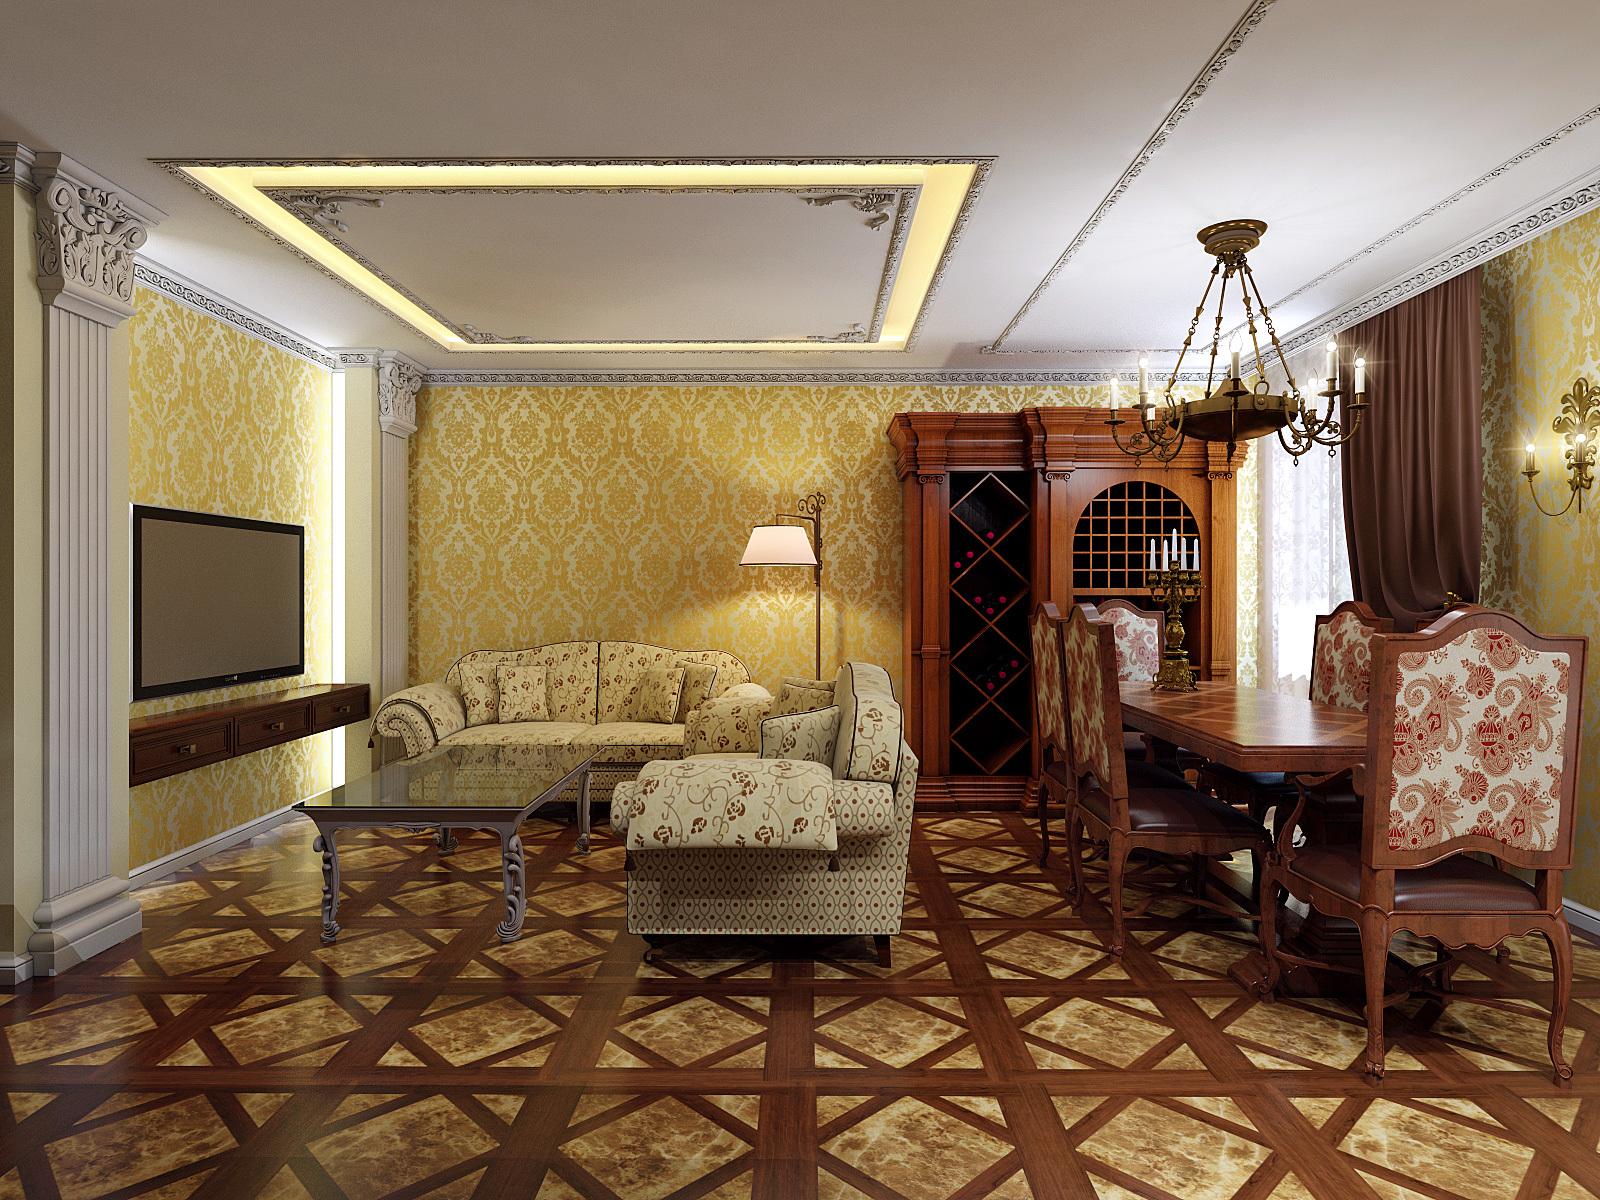 Пол в гостиной лучше отделывать дорогими материалами — от мозаичной кладки паркета из натурального дерева ценных пород и до покрытия из мрамора.